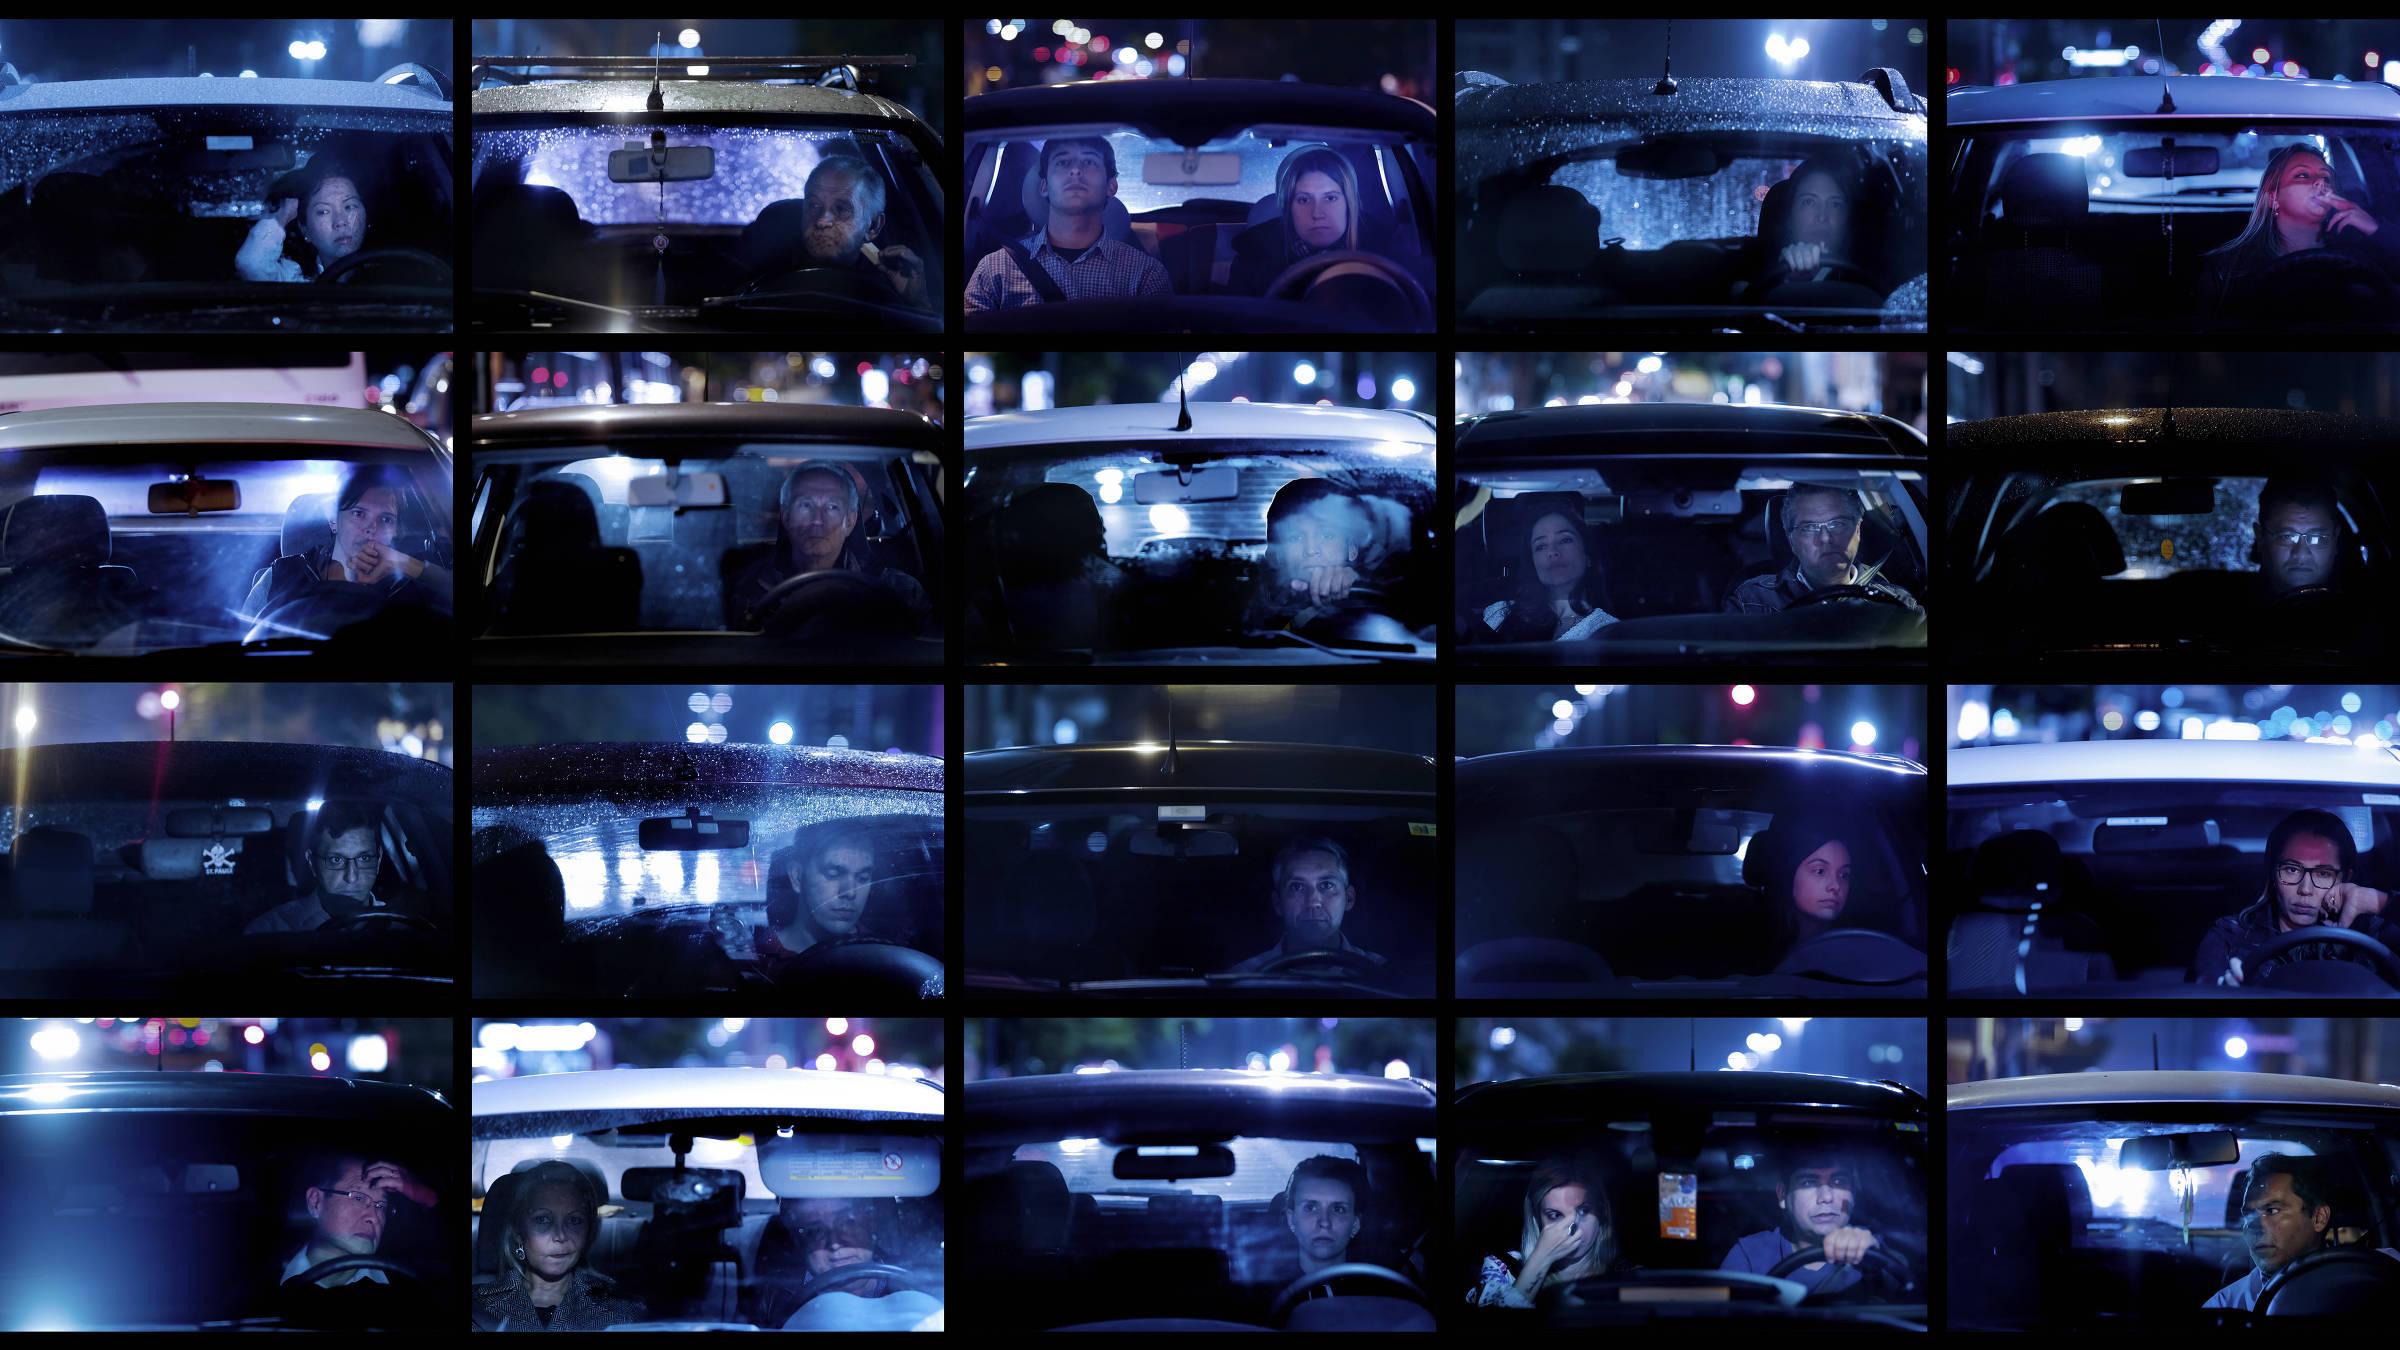 Motoristas em seus carros, no trânsito, em diversos pontos da cidade de São Paulo - Julio Bittencourt/Folhapress